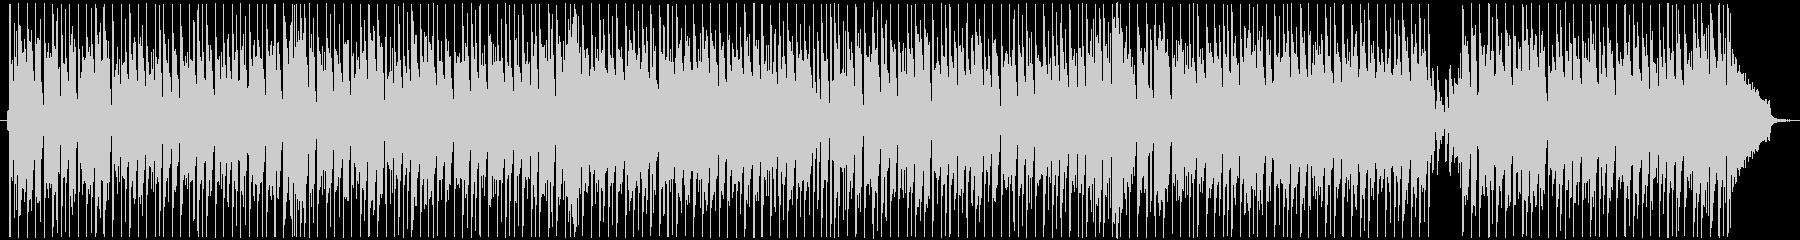 軽快でコミカル、楽しいBGMの未再生の波形